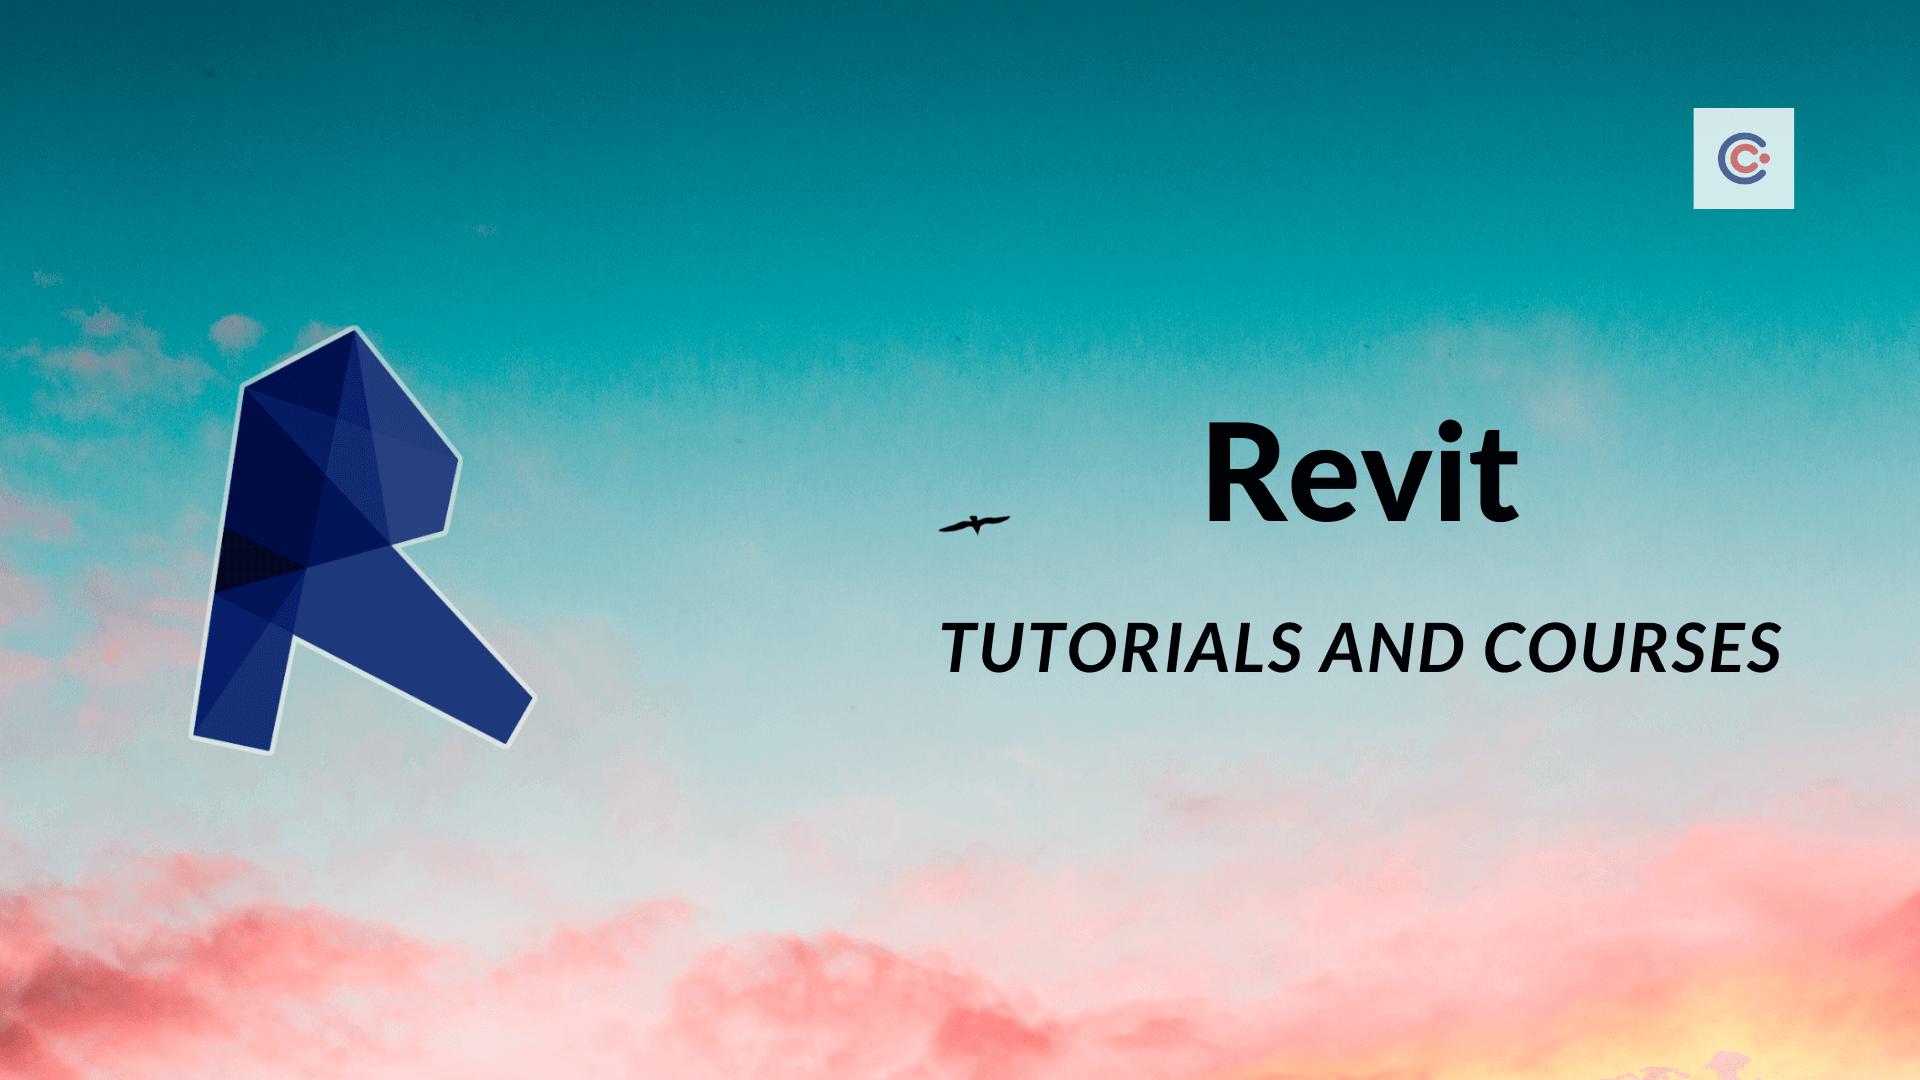 9 Best Revit Courses and Tutorials - Learn Revit Online